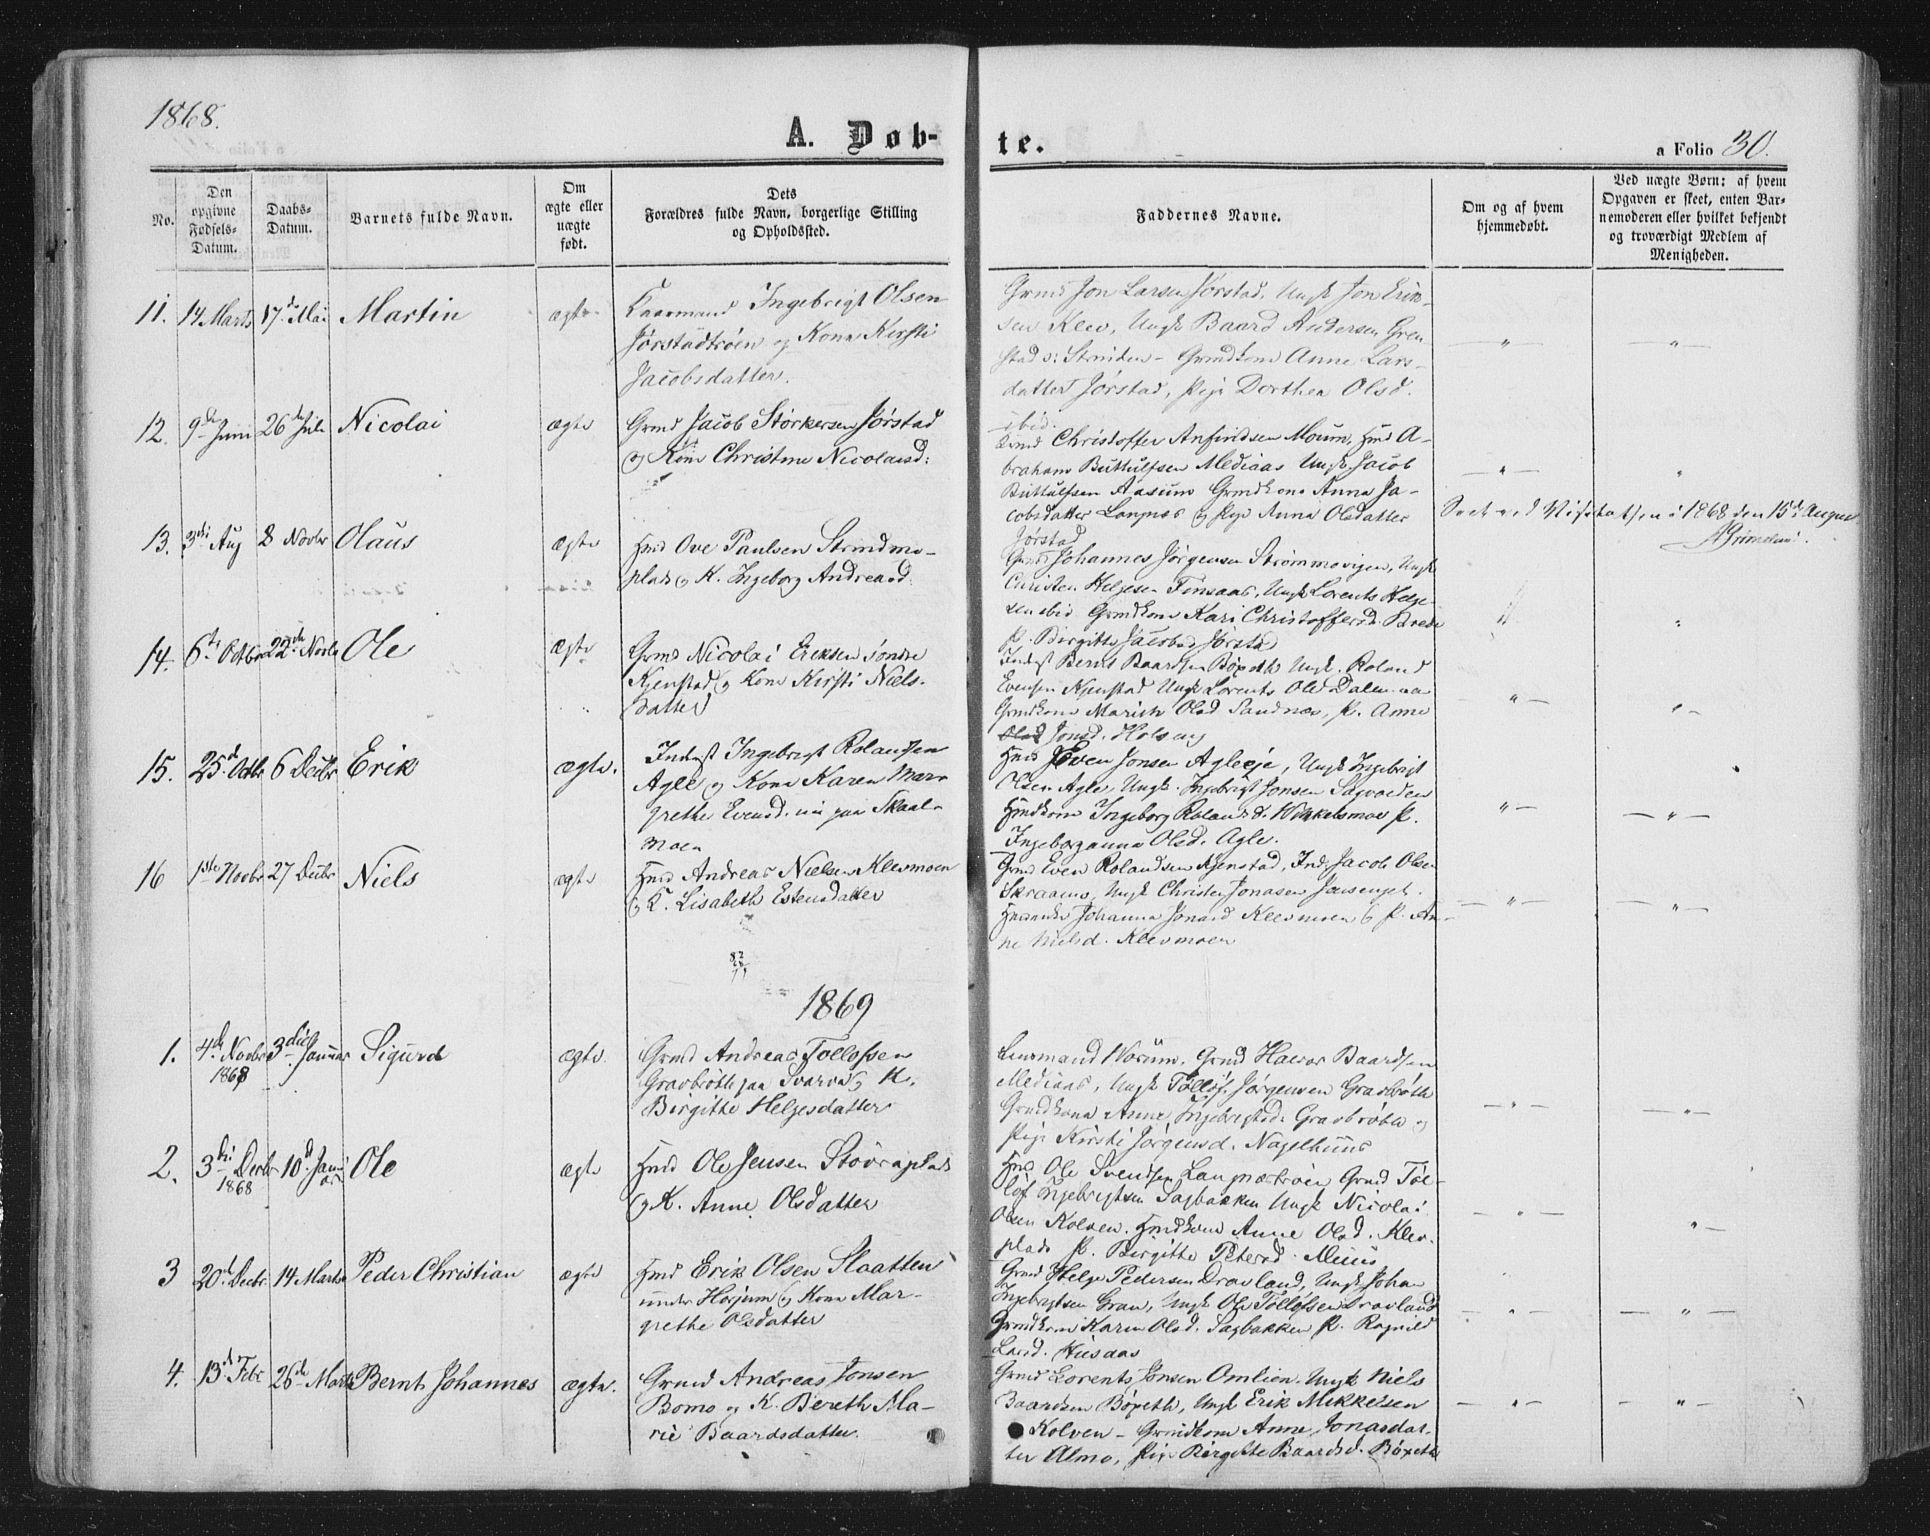 SAT, Ministerialprotokoller, klokkerbøker og fødselsregistre - Nord-Trøndelag, 749/L0472: Ministerialbok nr. 749A06, 1857-1873, s. 30